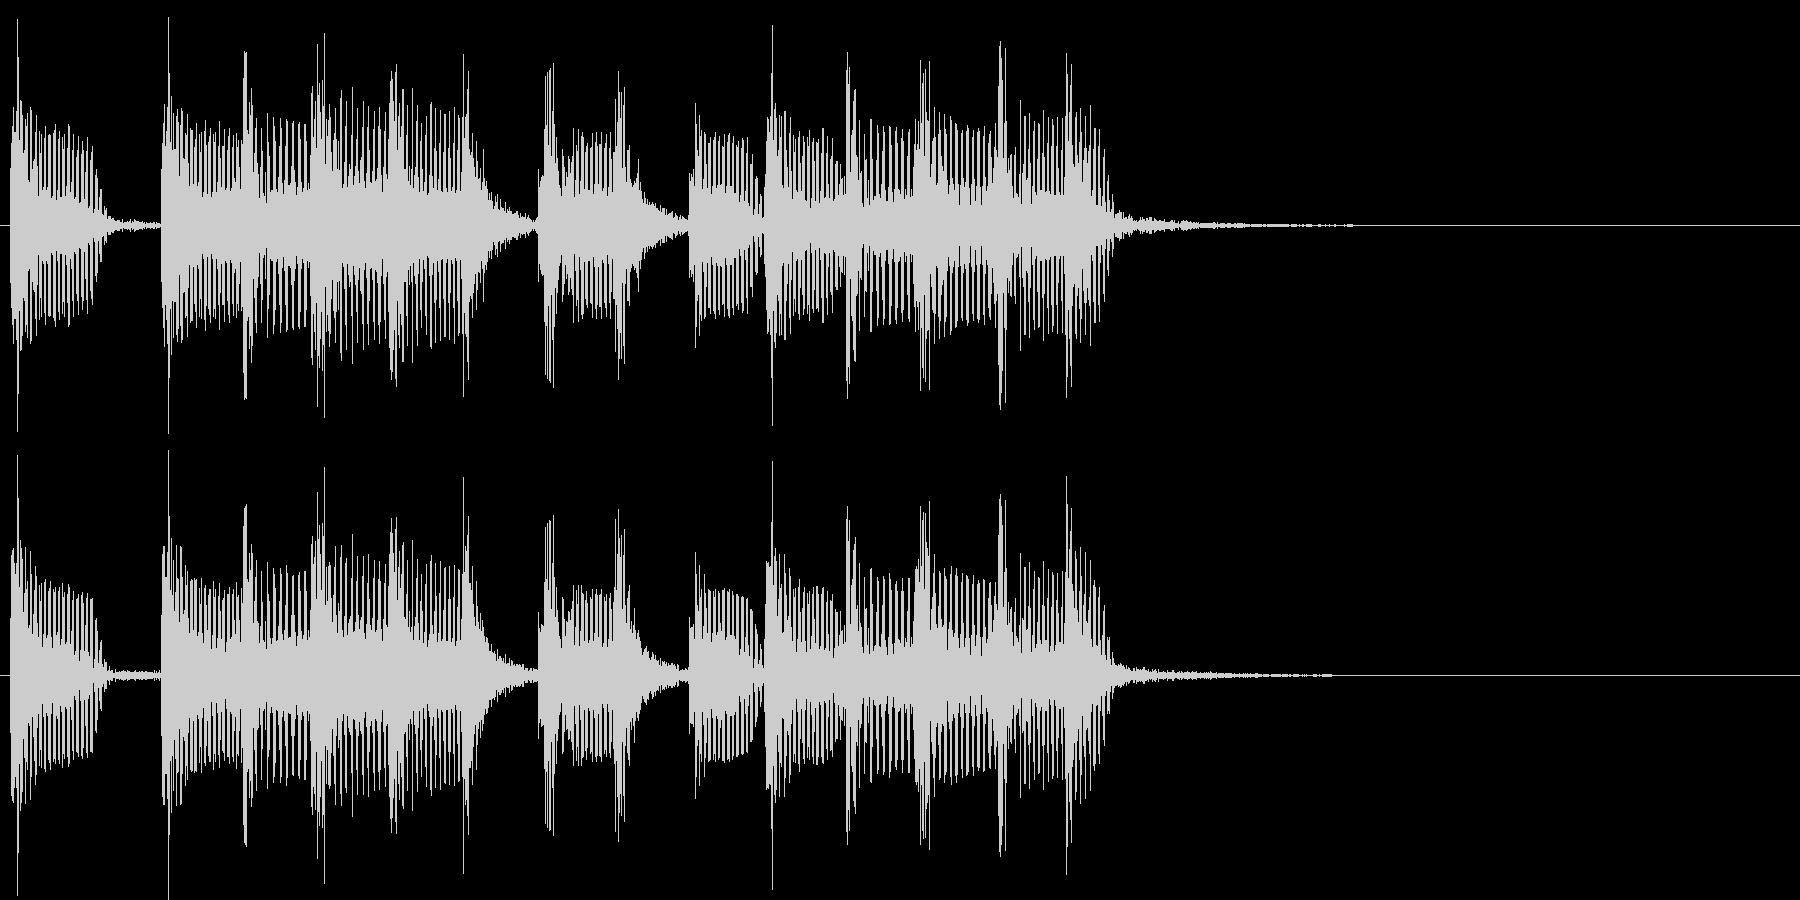 2小節ジングル02 モータウンビート2の未再生の波形